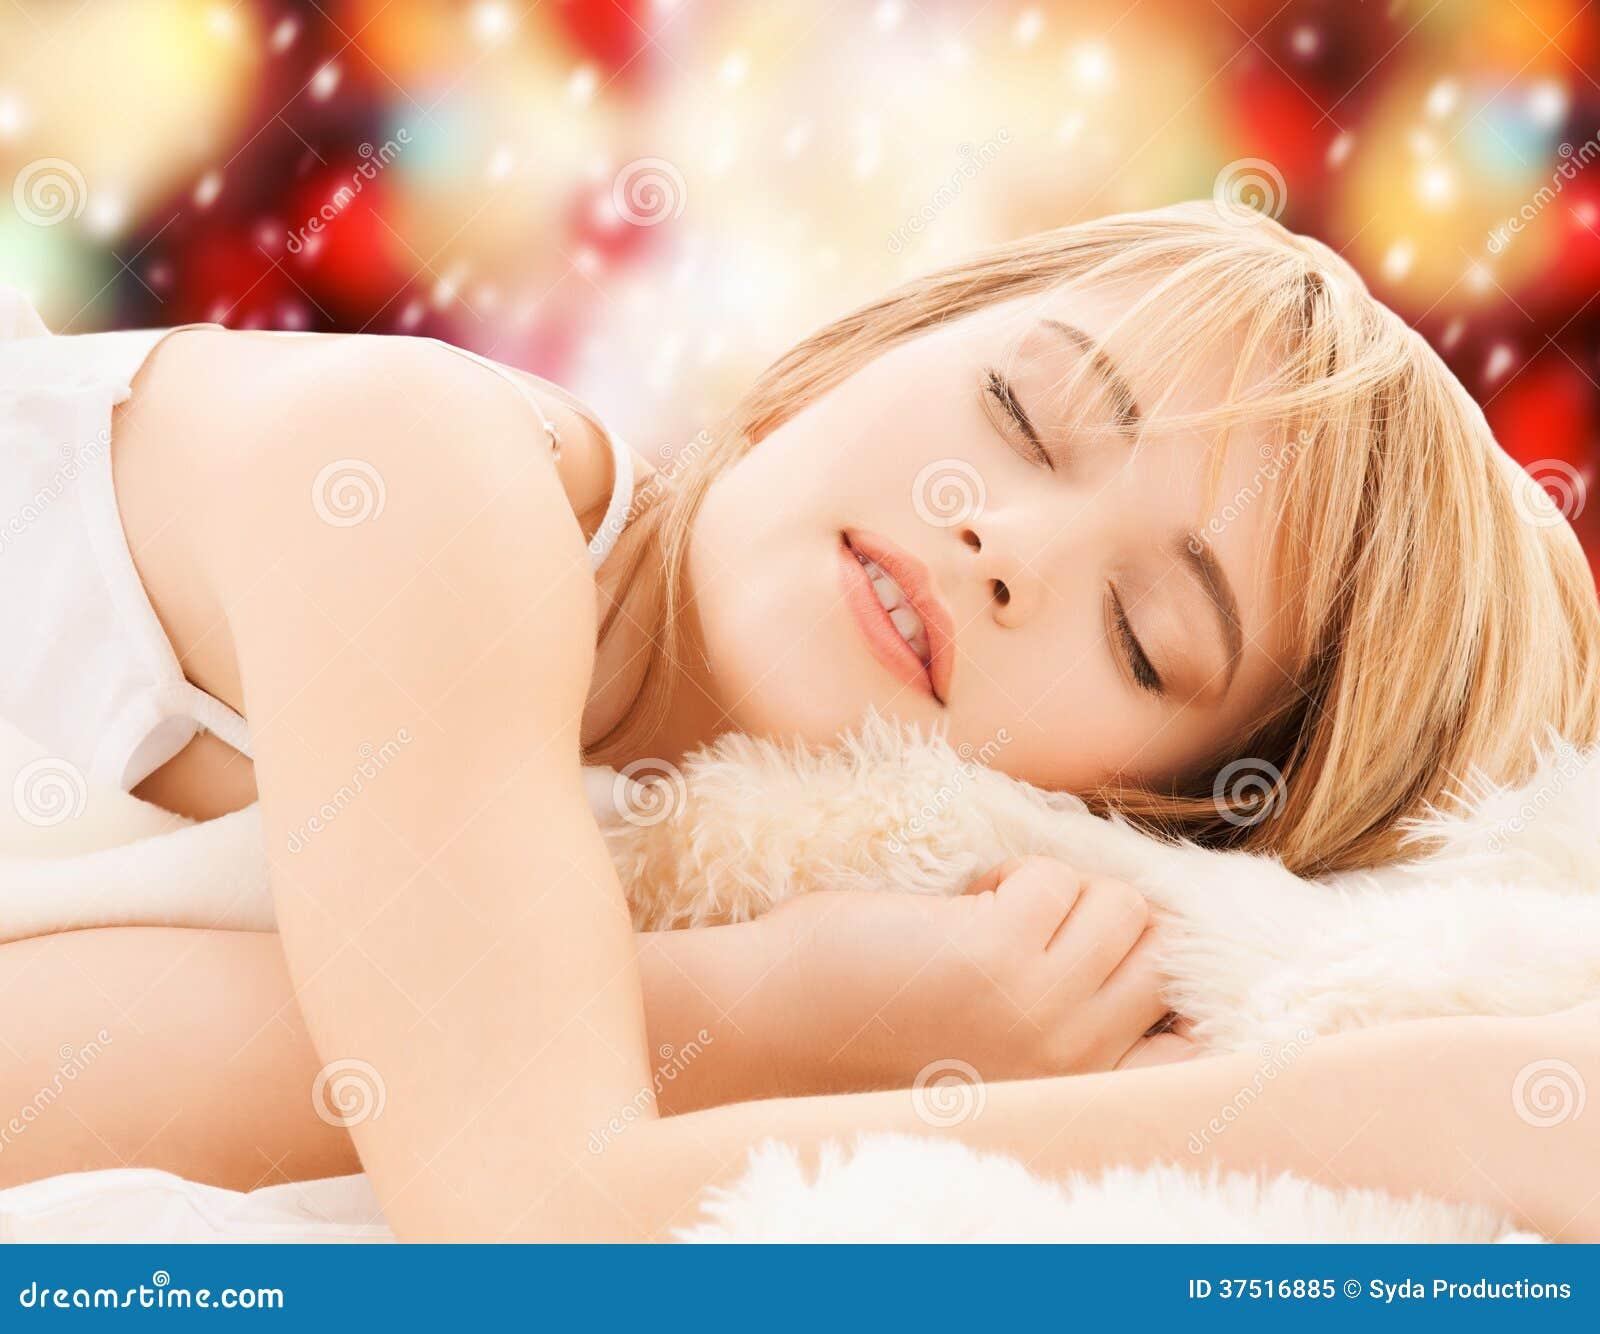 Секс с молодыми спящими девочками 4 фотография